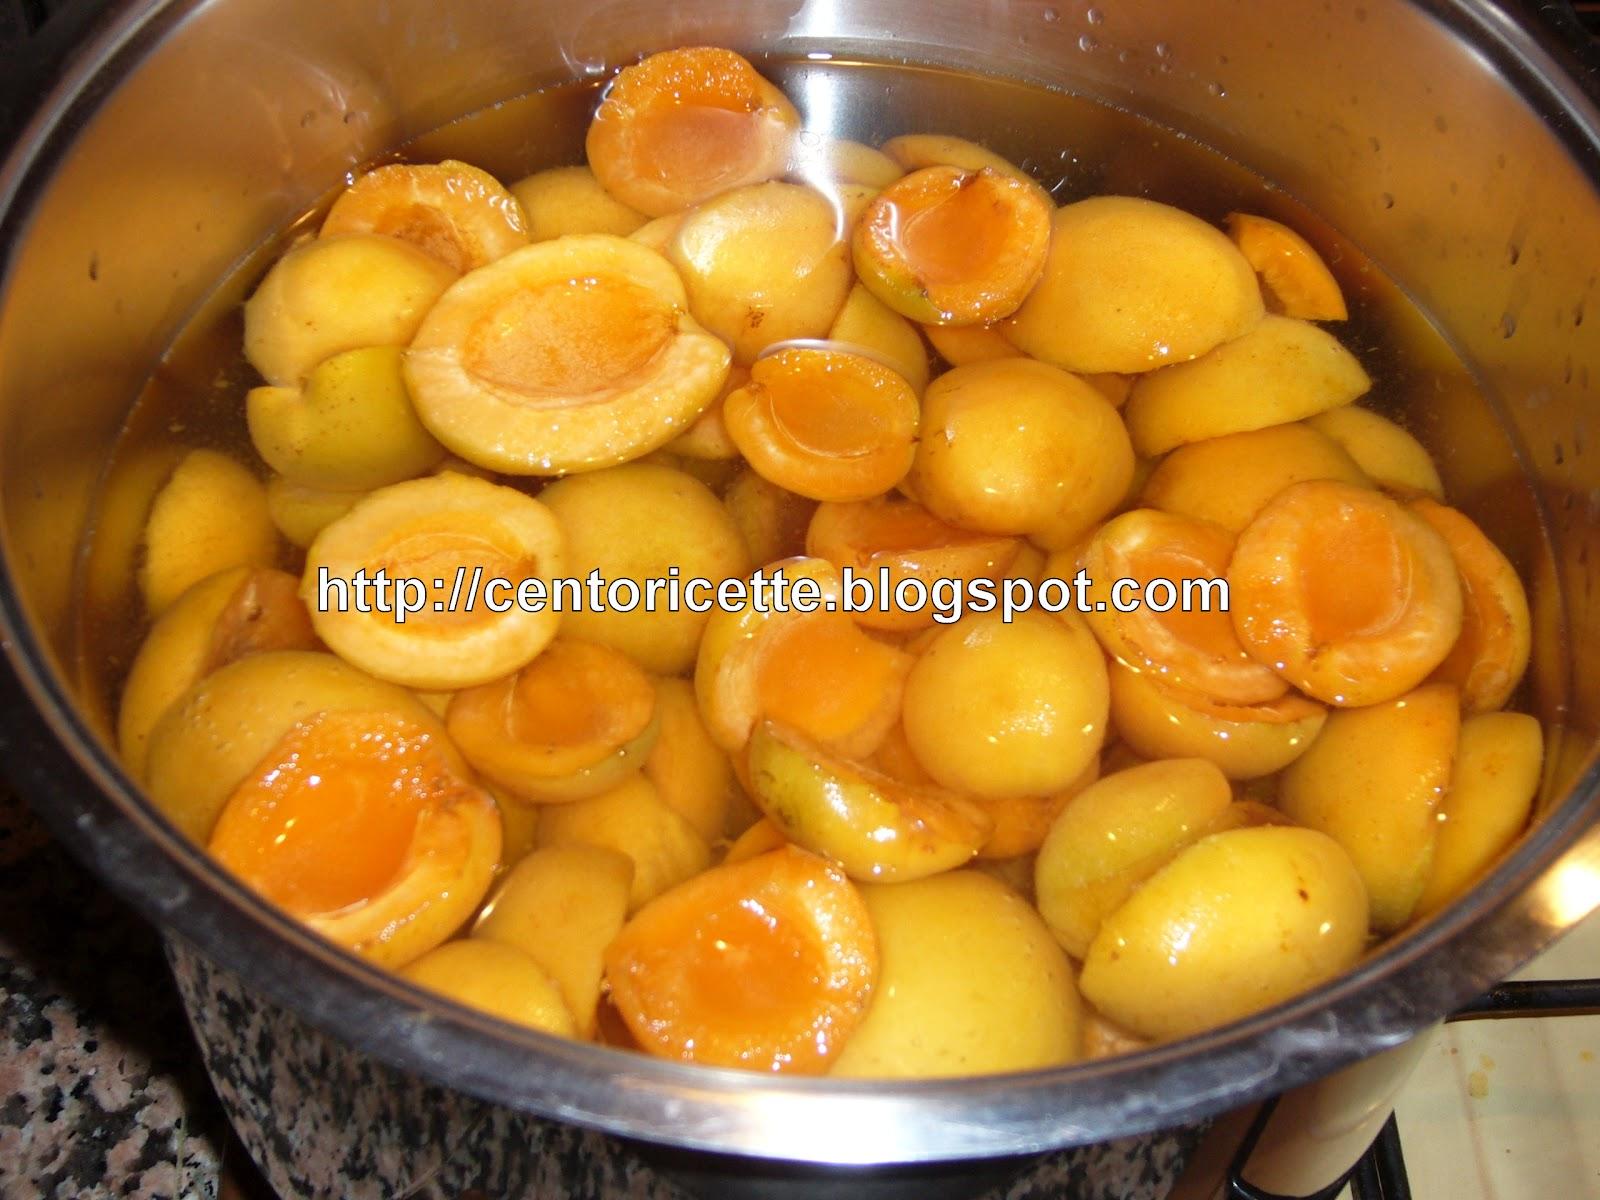 Cento ricette succo di frutta all 39 albicocca for Succhi di frutta fatti in casa